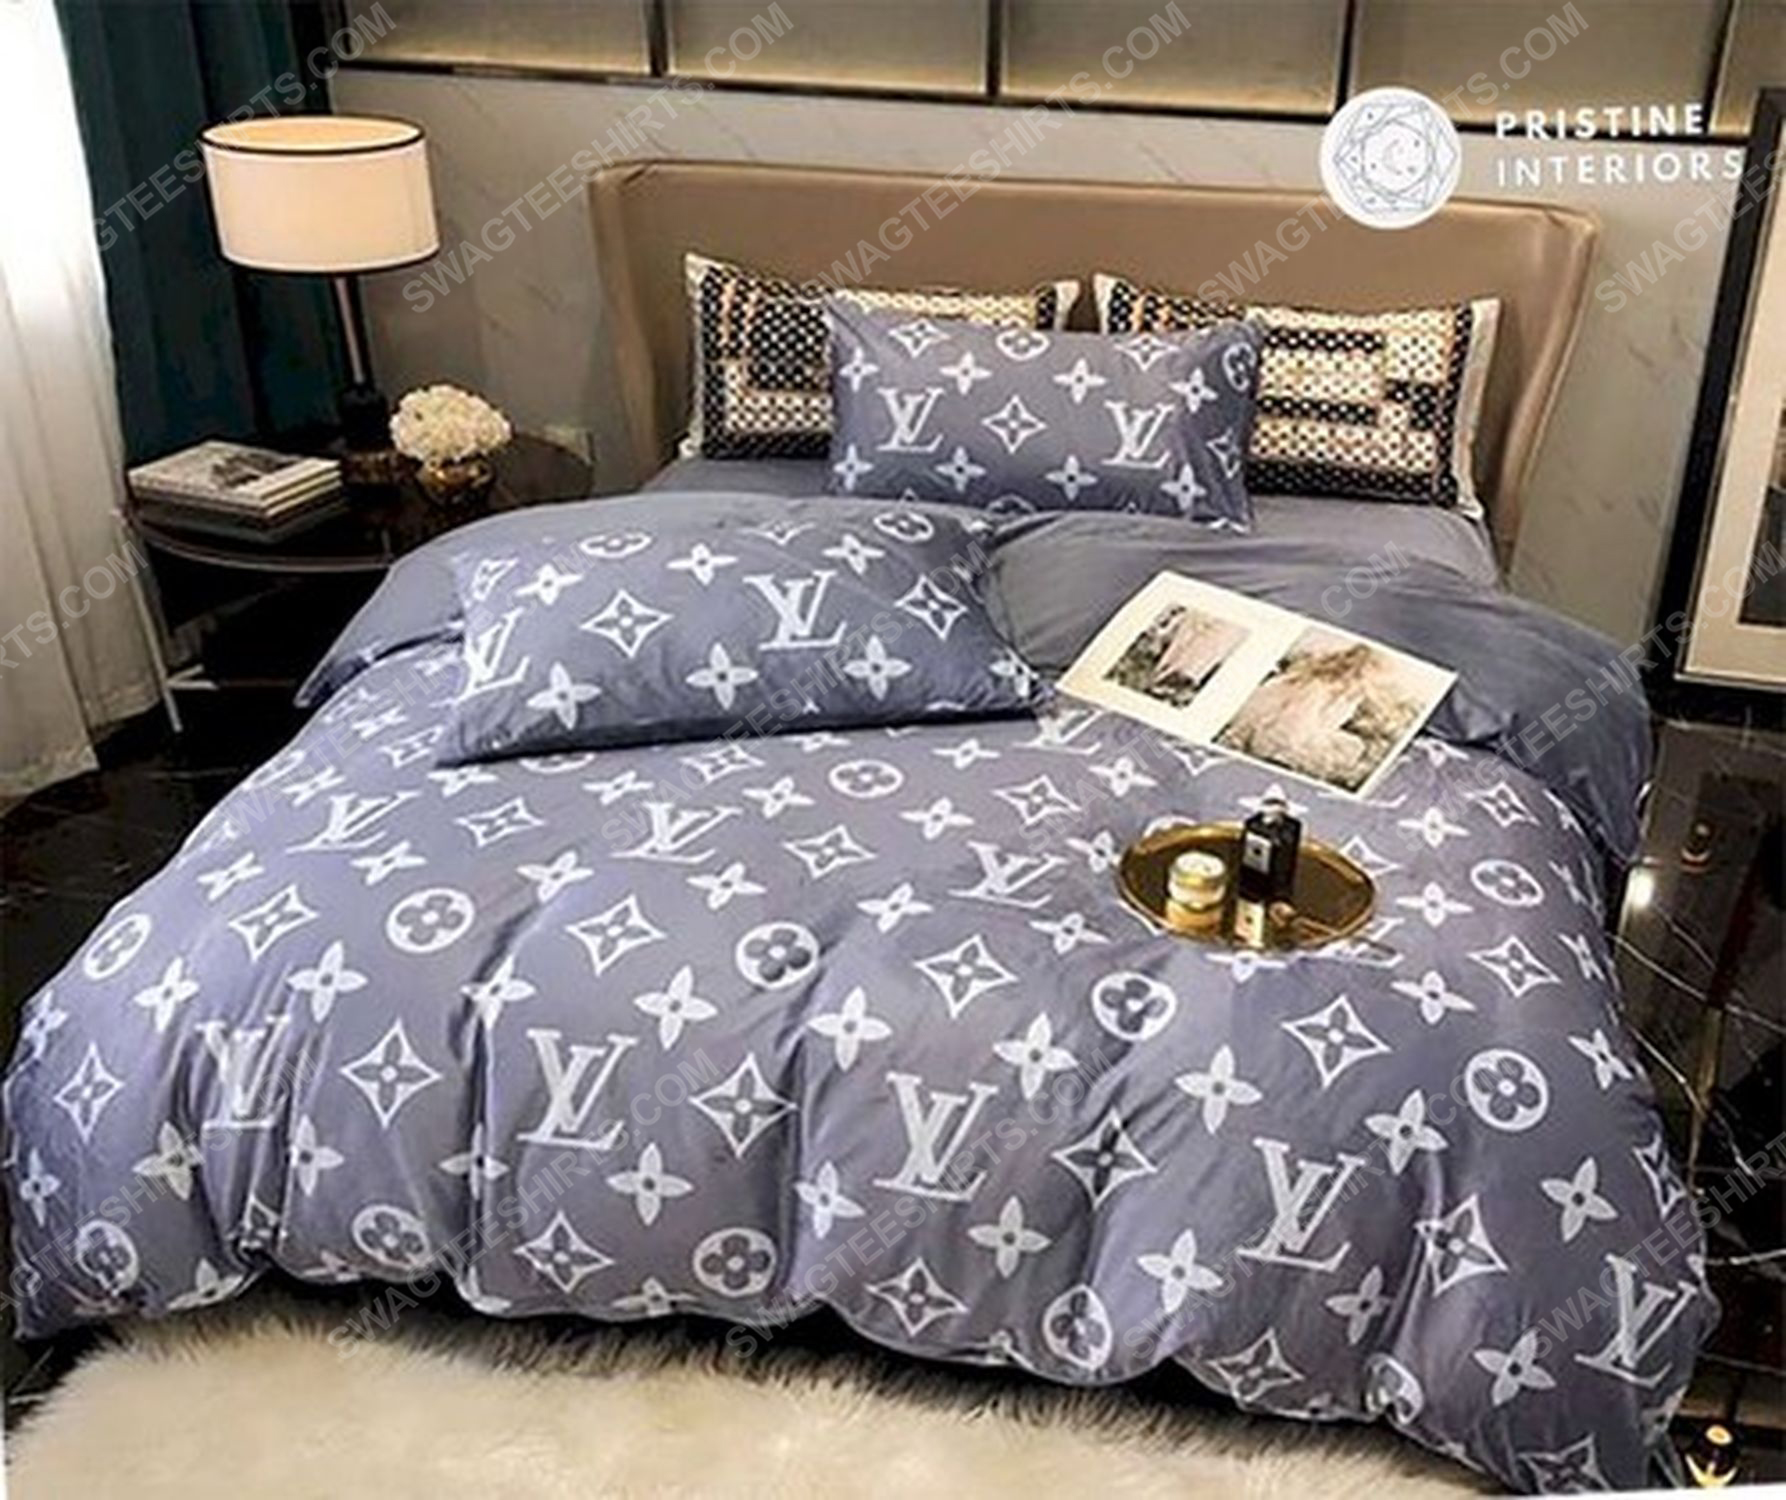 Lv monogram full print duvet cover bedding set 3 - Copy